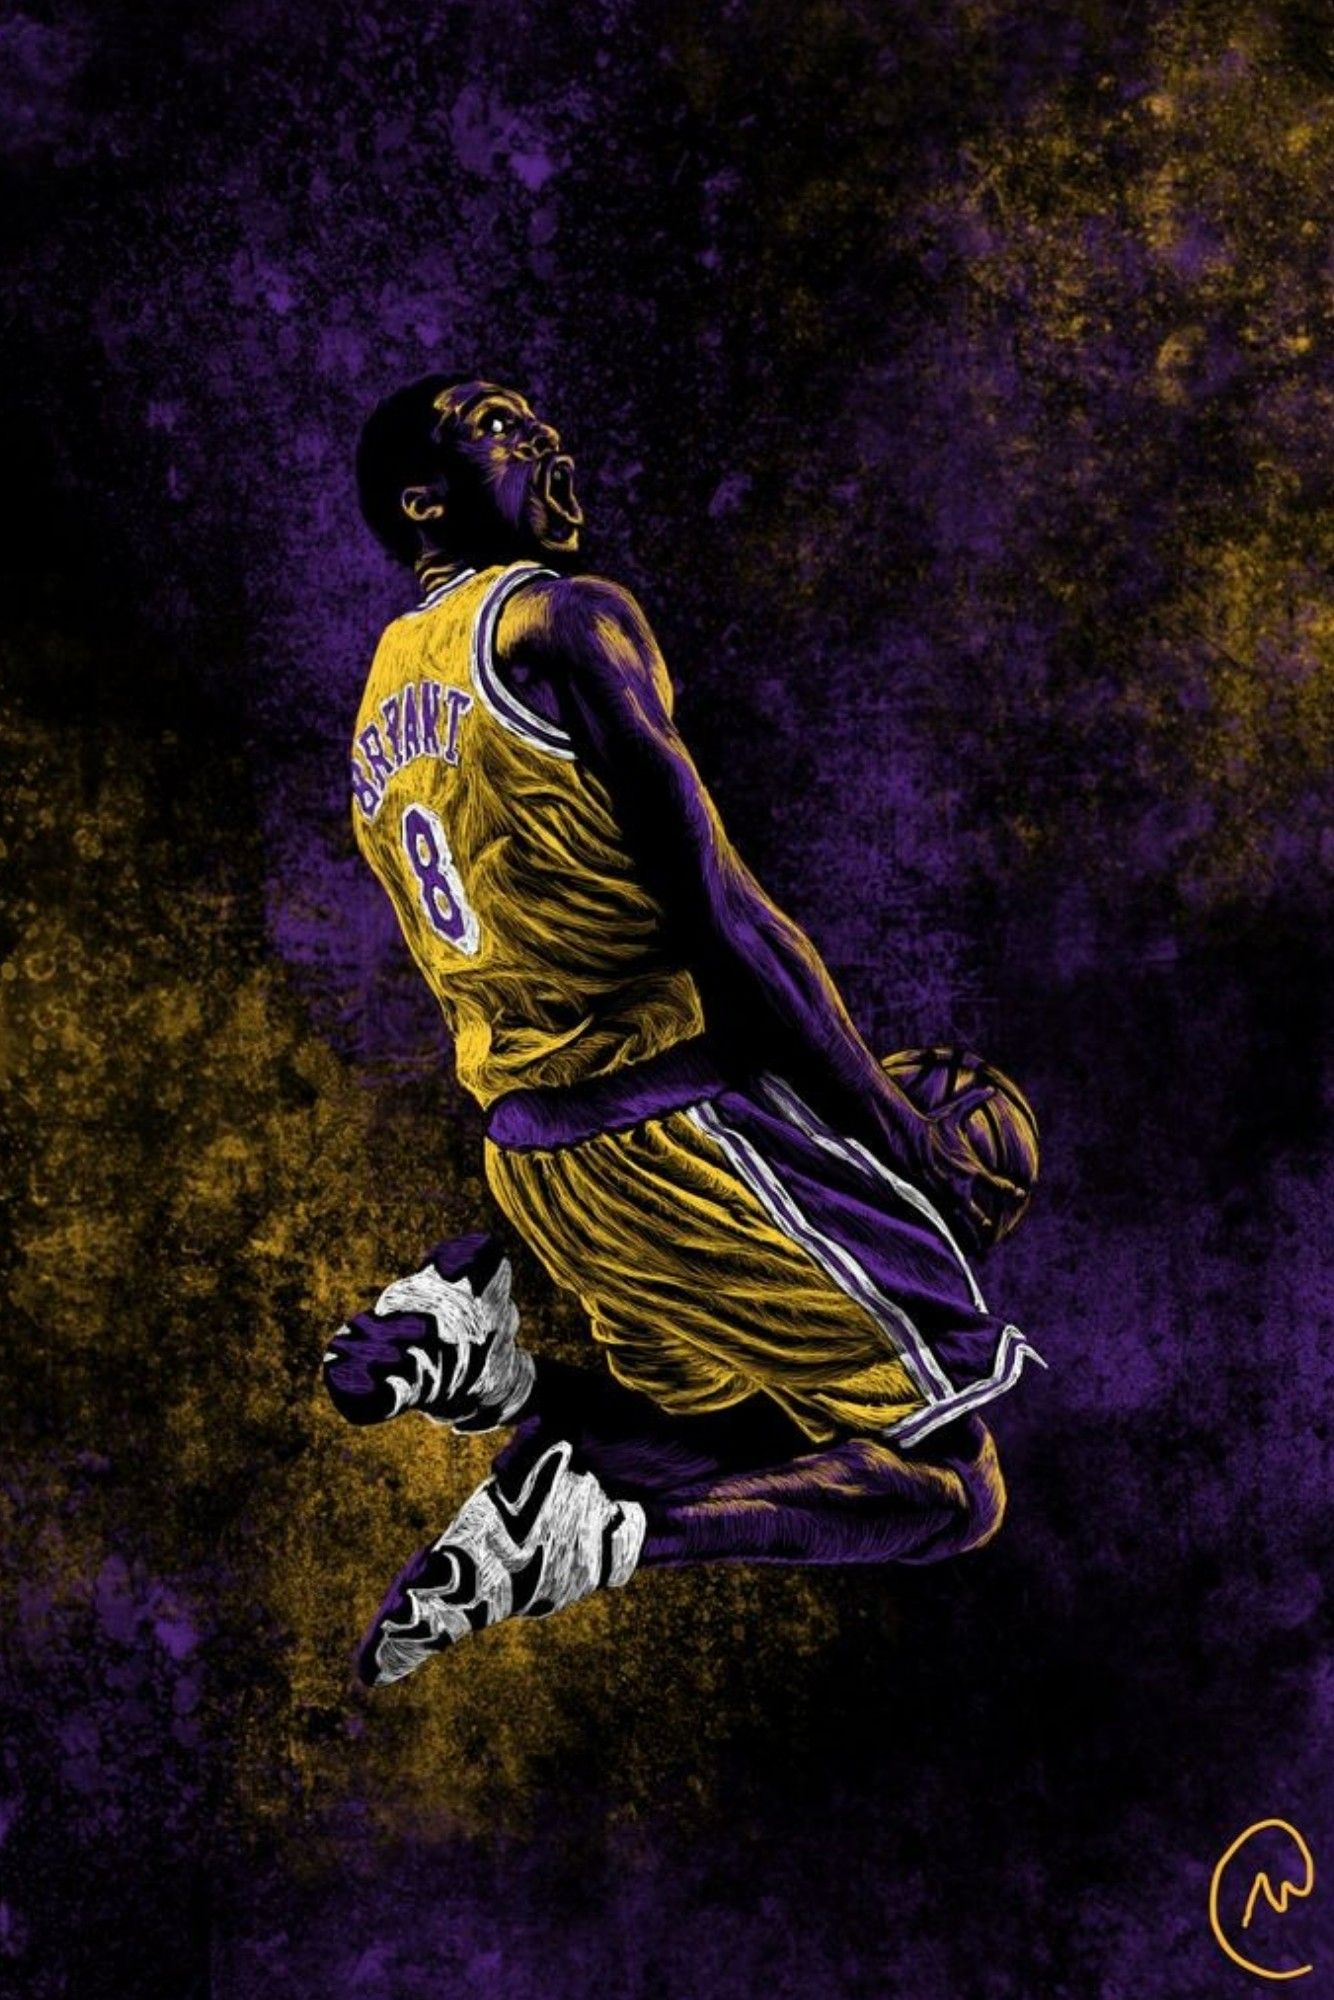 Kobe Bryant Kobe Bryant Nba Kobe Bryant Wallpaper Lakers Wallpaper